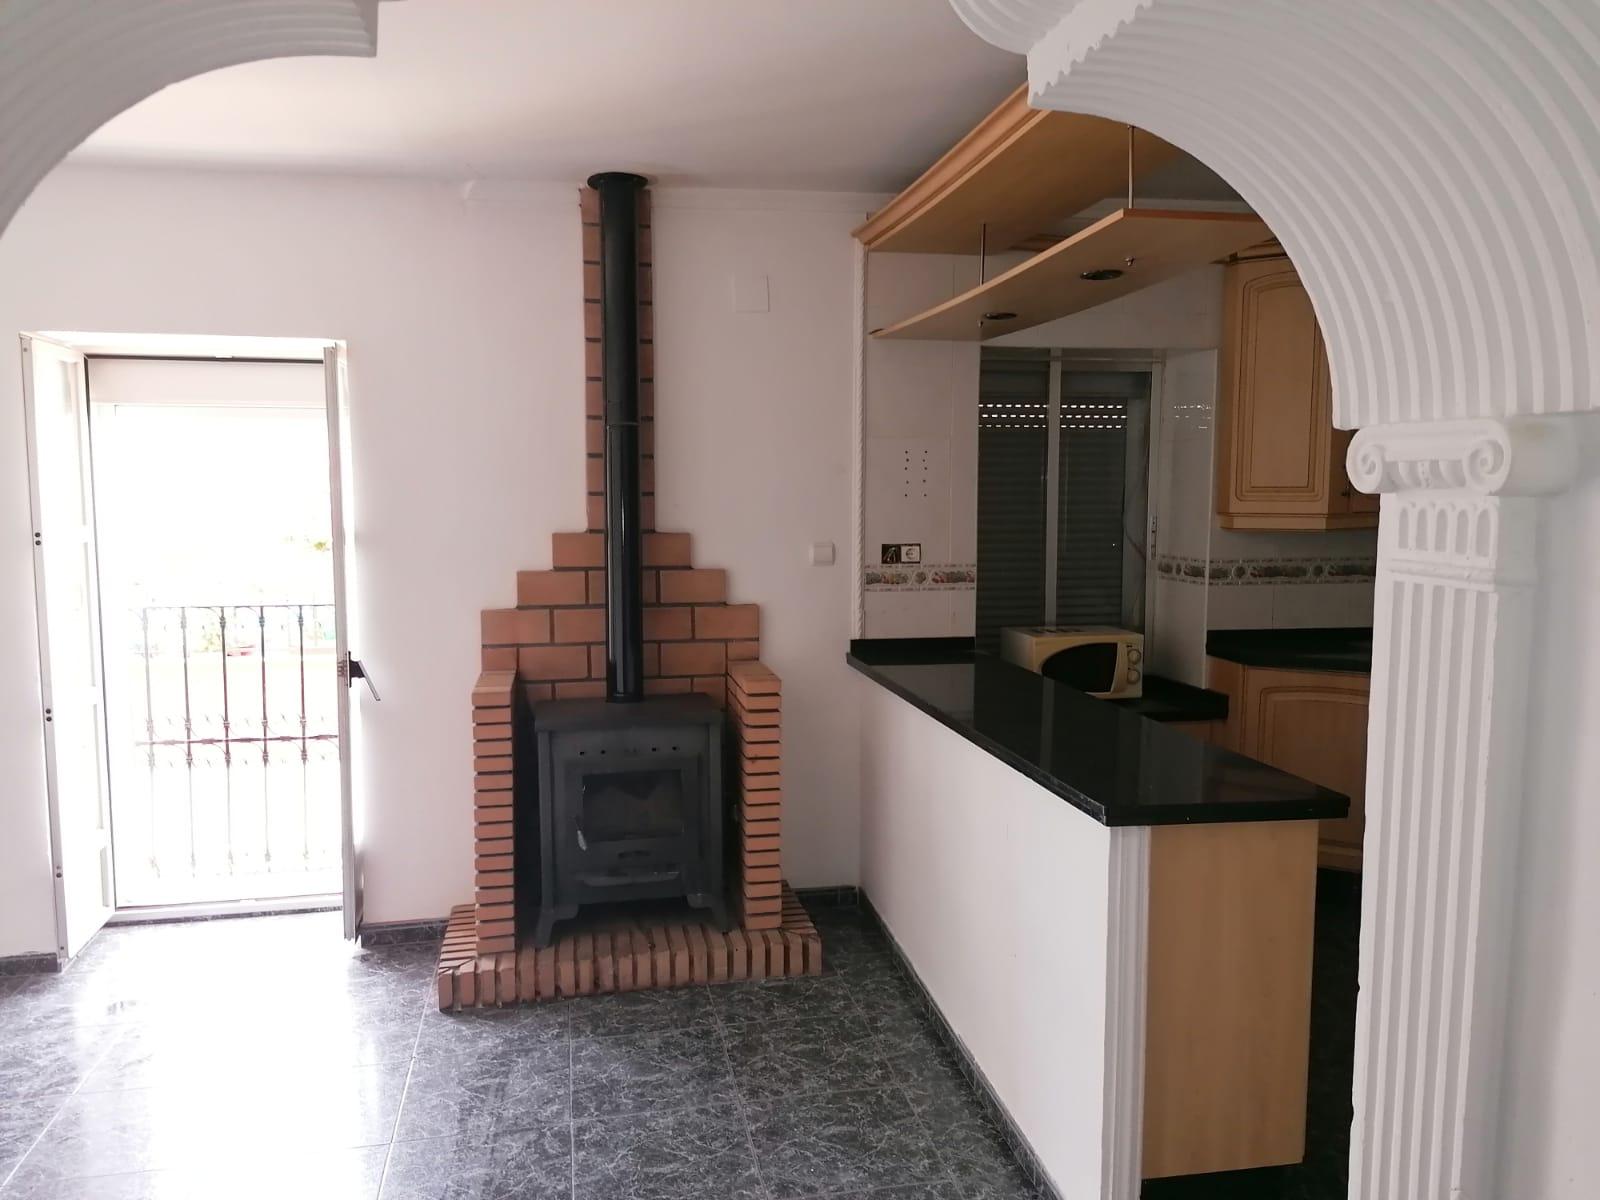 Piso en venta en Posadas, Posadas, Córdoba, Calle Betis, 103.000 €, 3 habitaciones, 1 baño, 196 m2